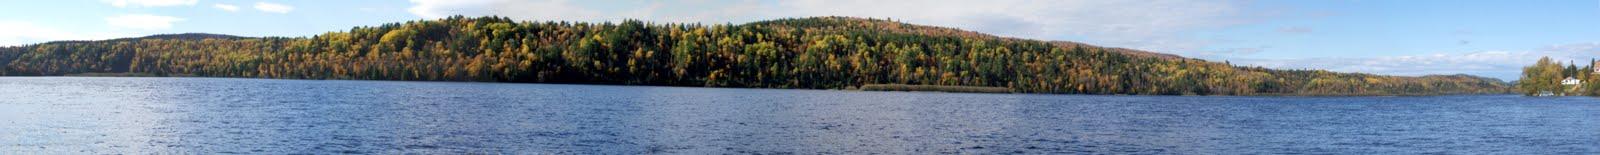 Rivière saint-maurice - panoramio.jpg